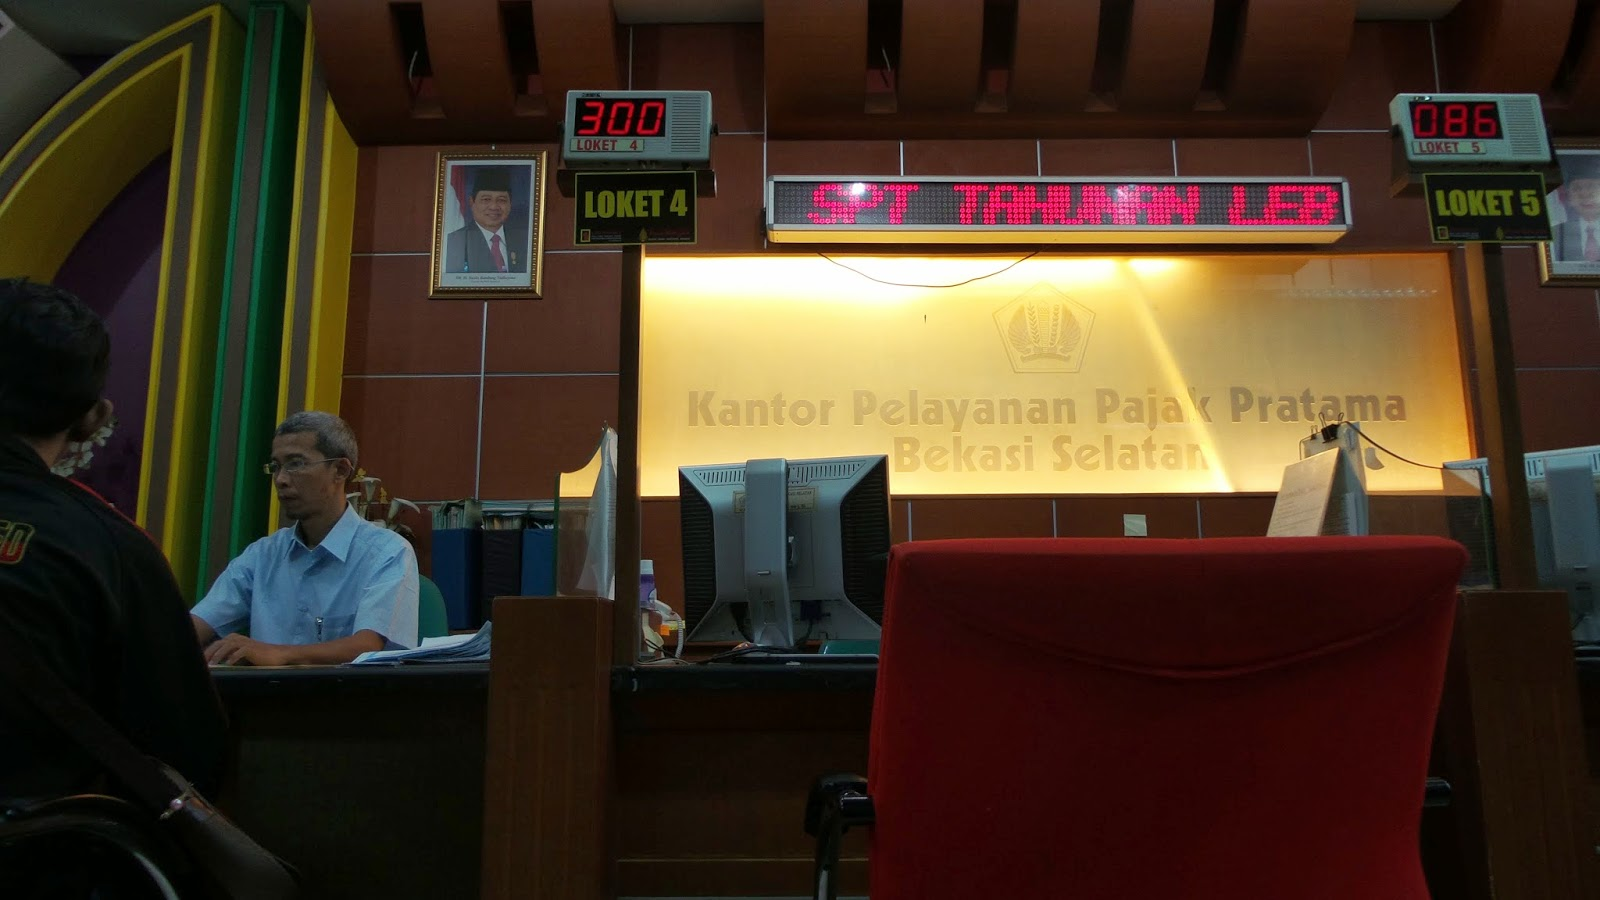 Bikin NPWP Pribadi - tujuhrupa.com